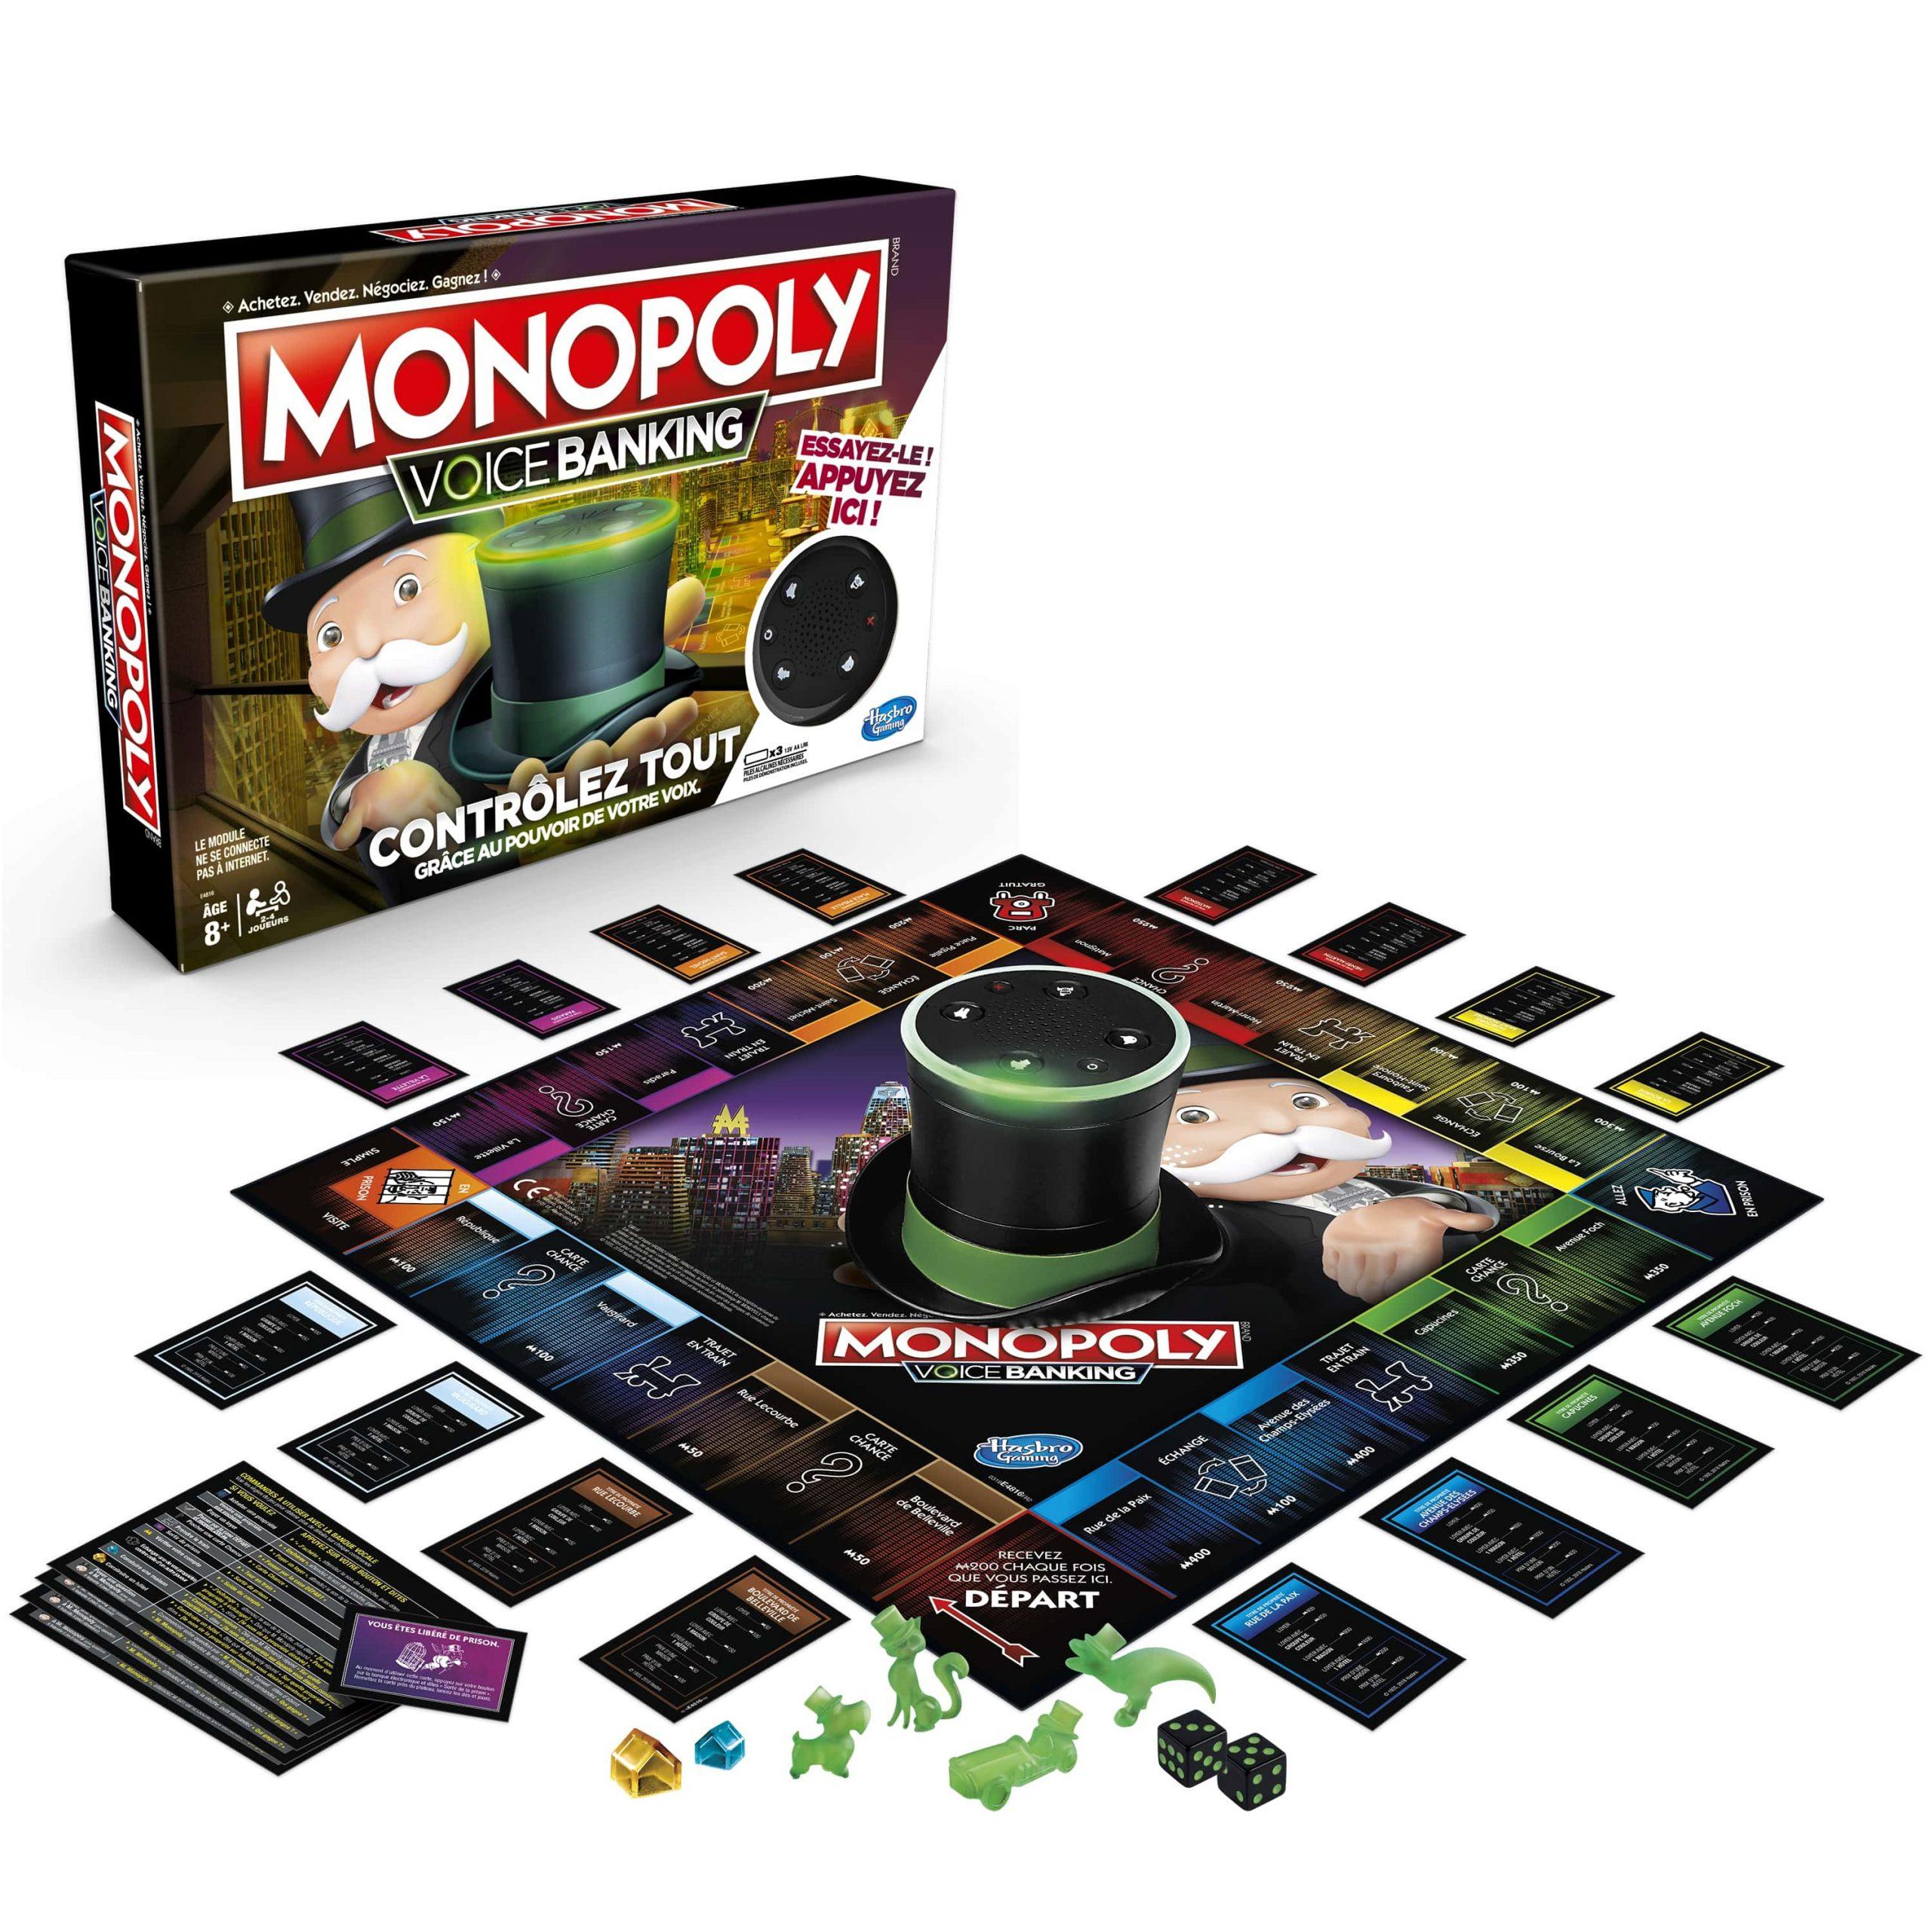 Hasbro Dévoile Le Monopoly Voice Banking, Le Premier pour Jeux Societe Interactif